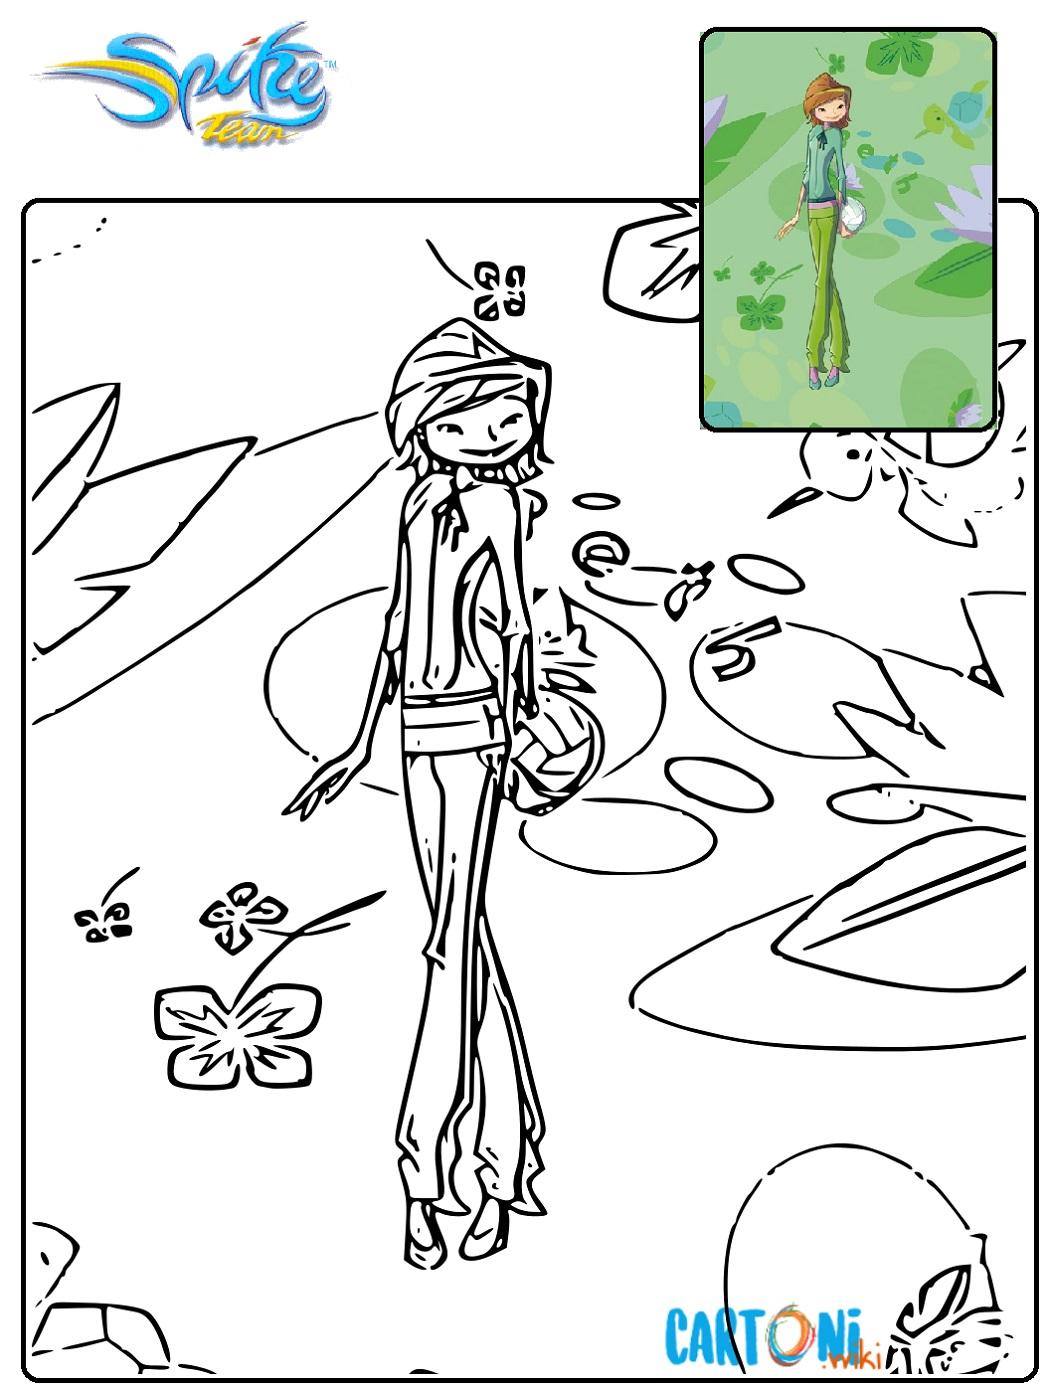 Spike Team colora Beth - Stampa e colora